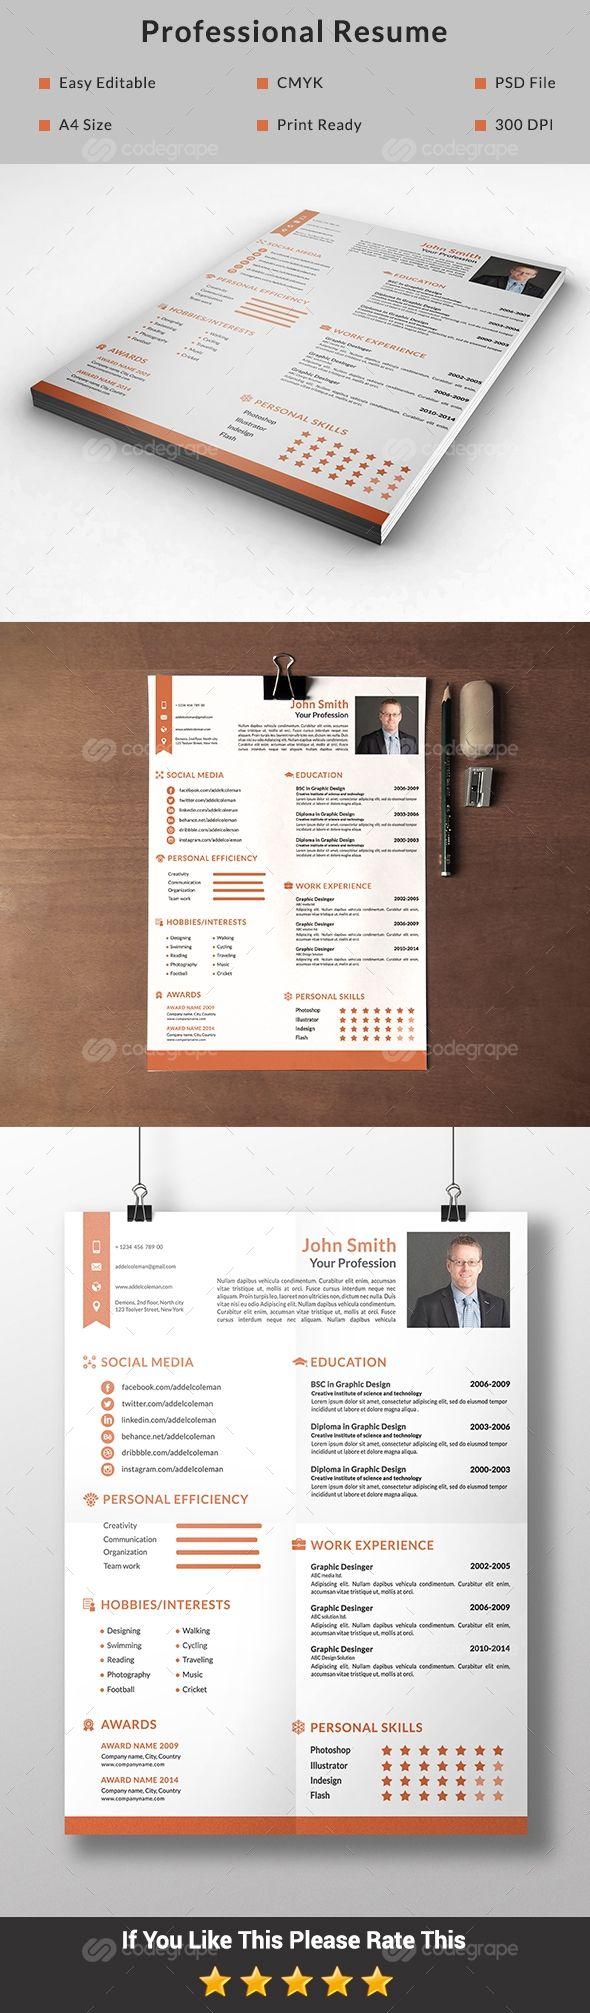 Professional Resume Design Professional Resume Design